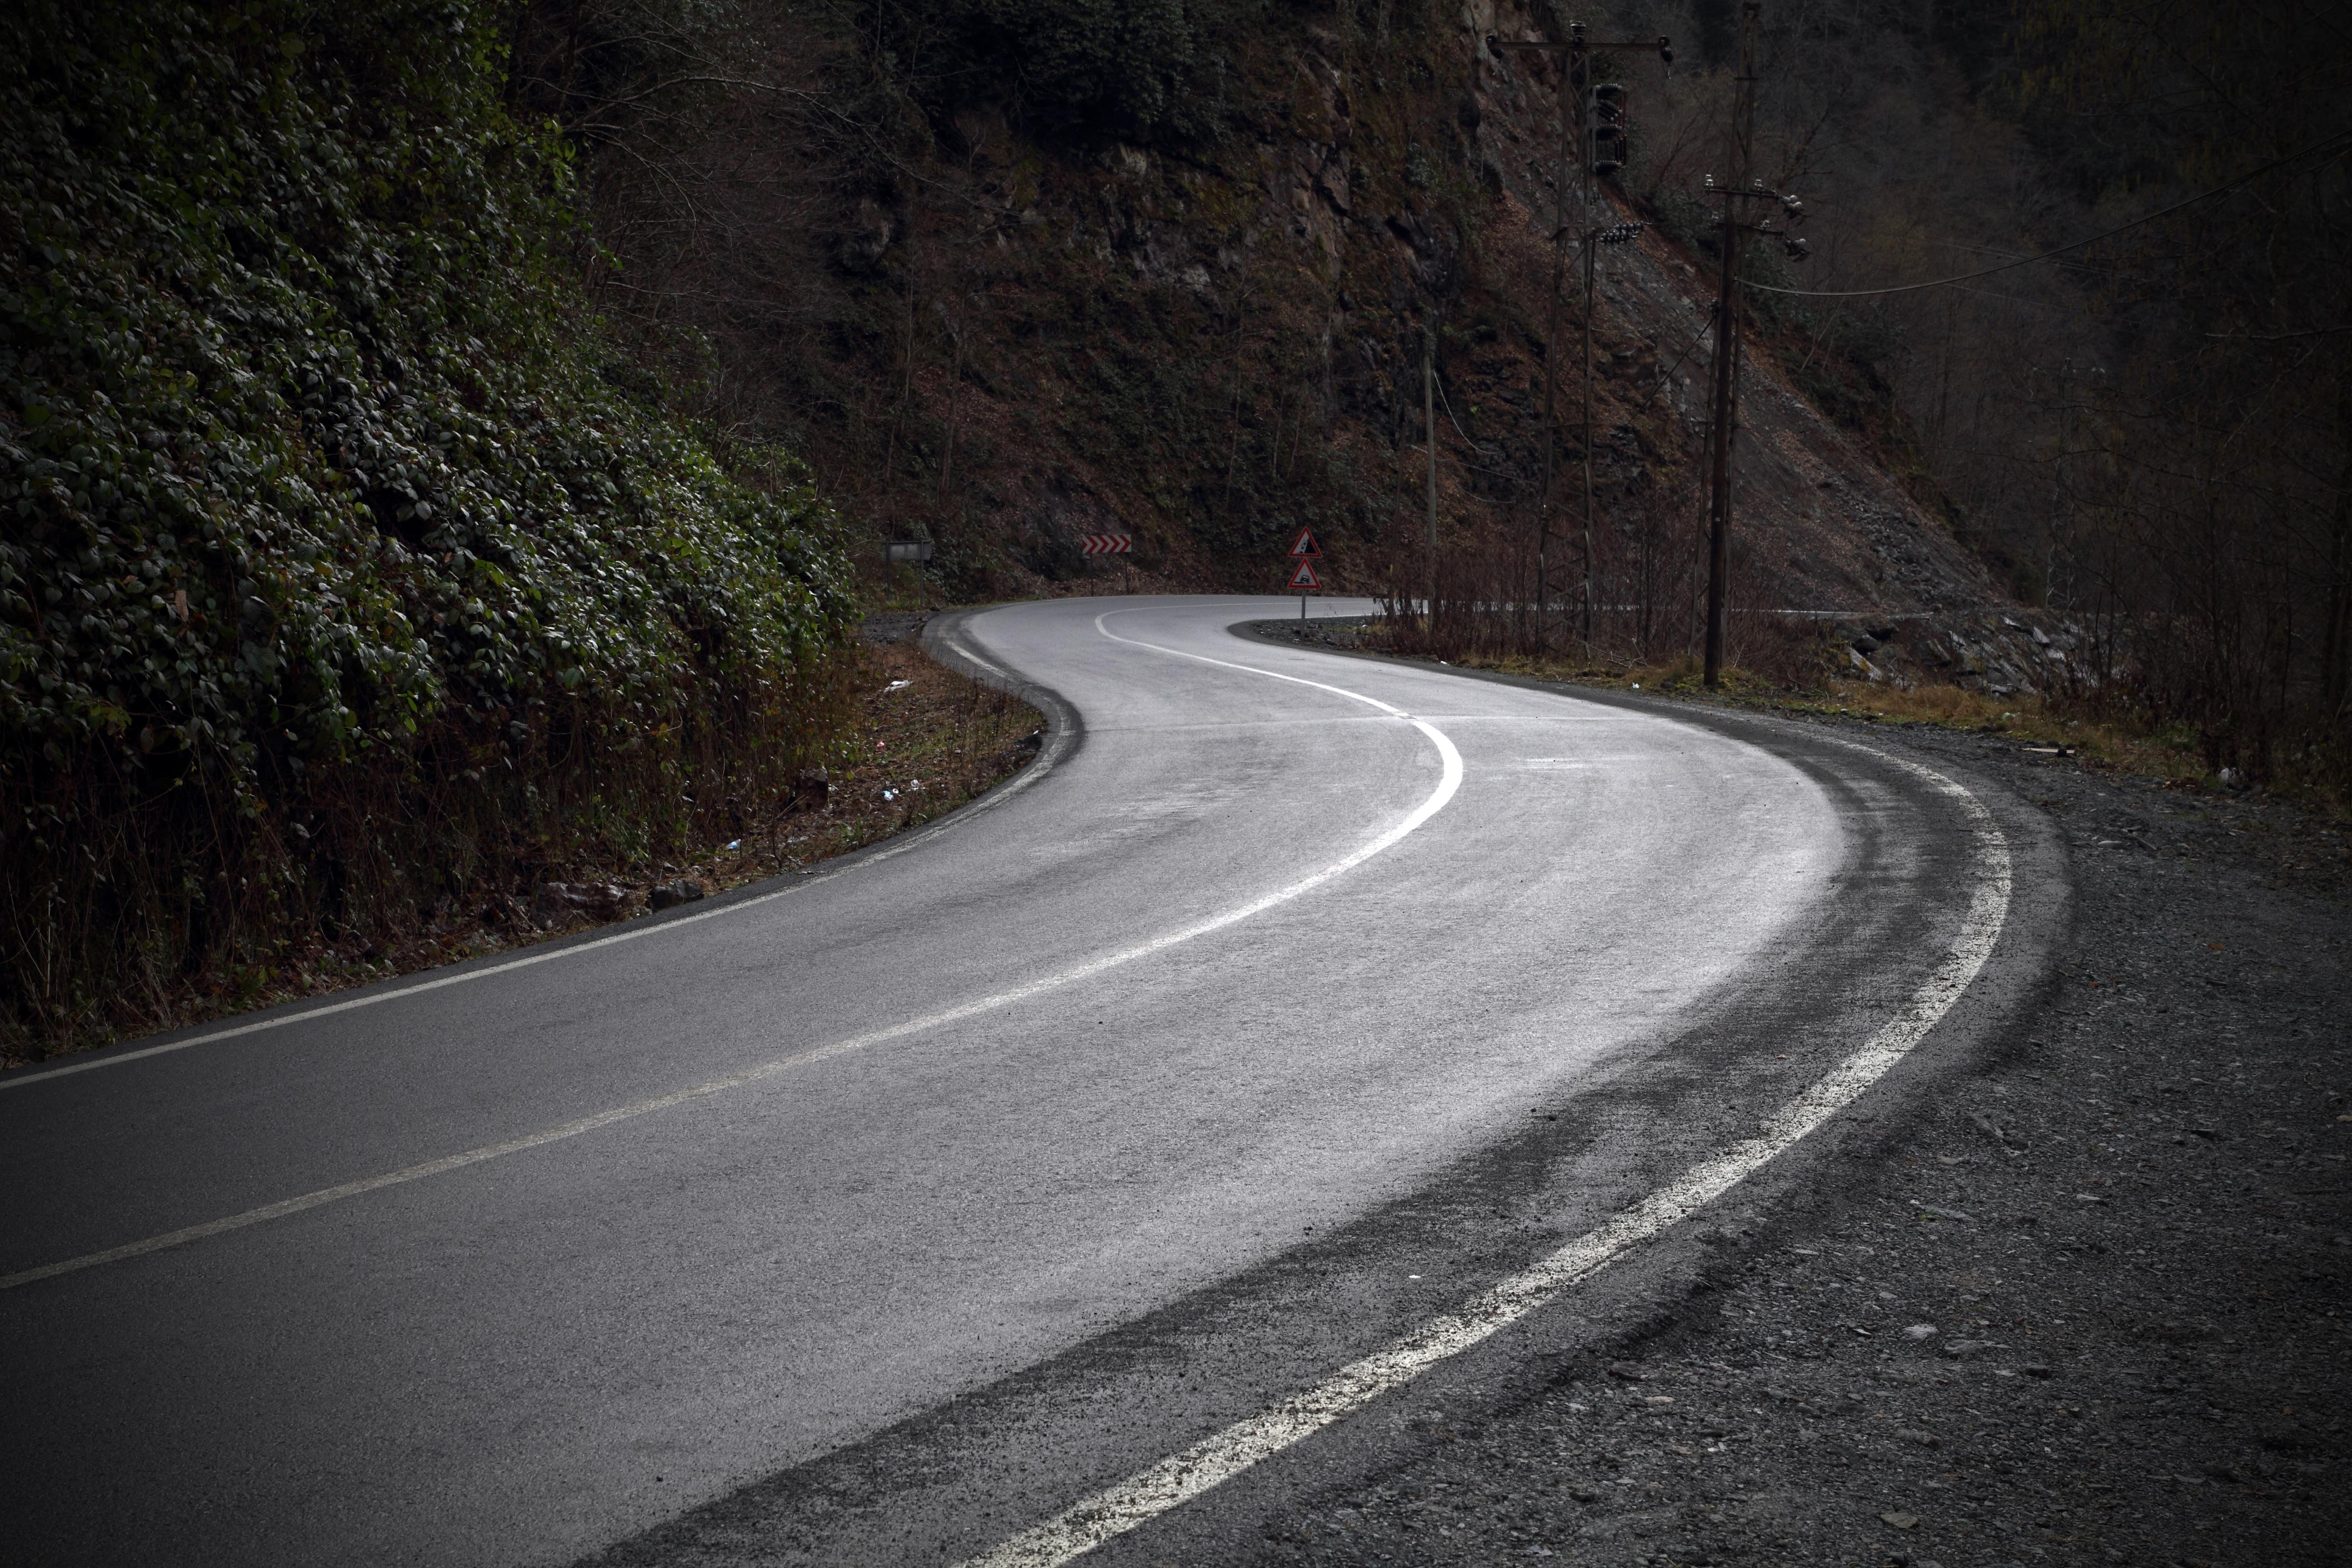 Dark, curved road by kkurdoglu on DeviantArt